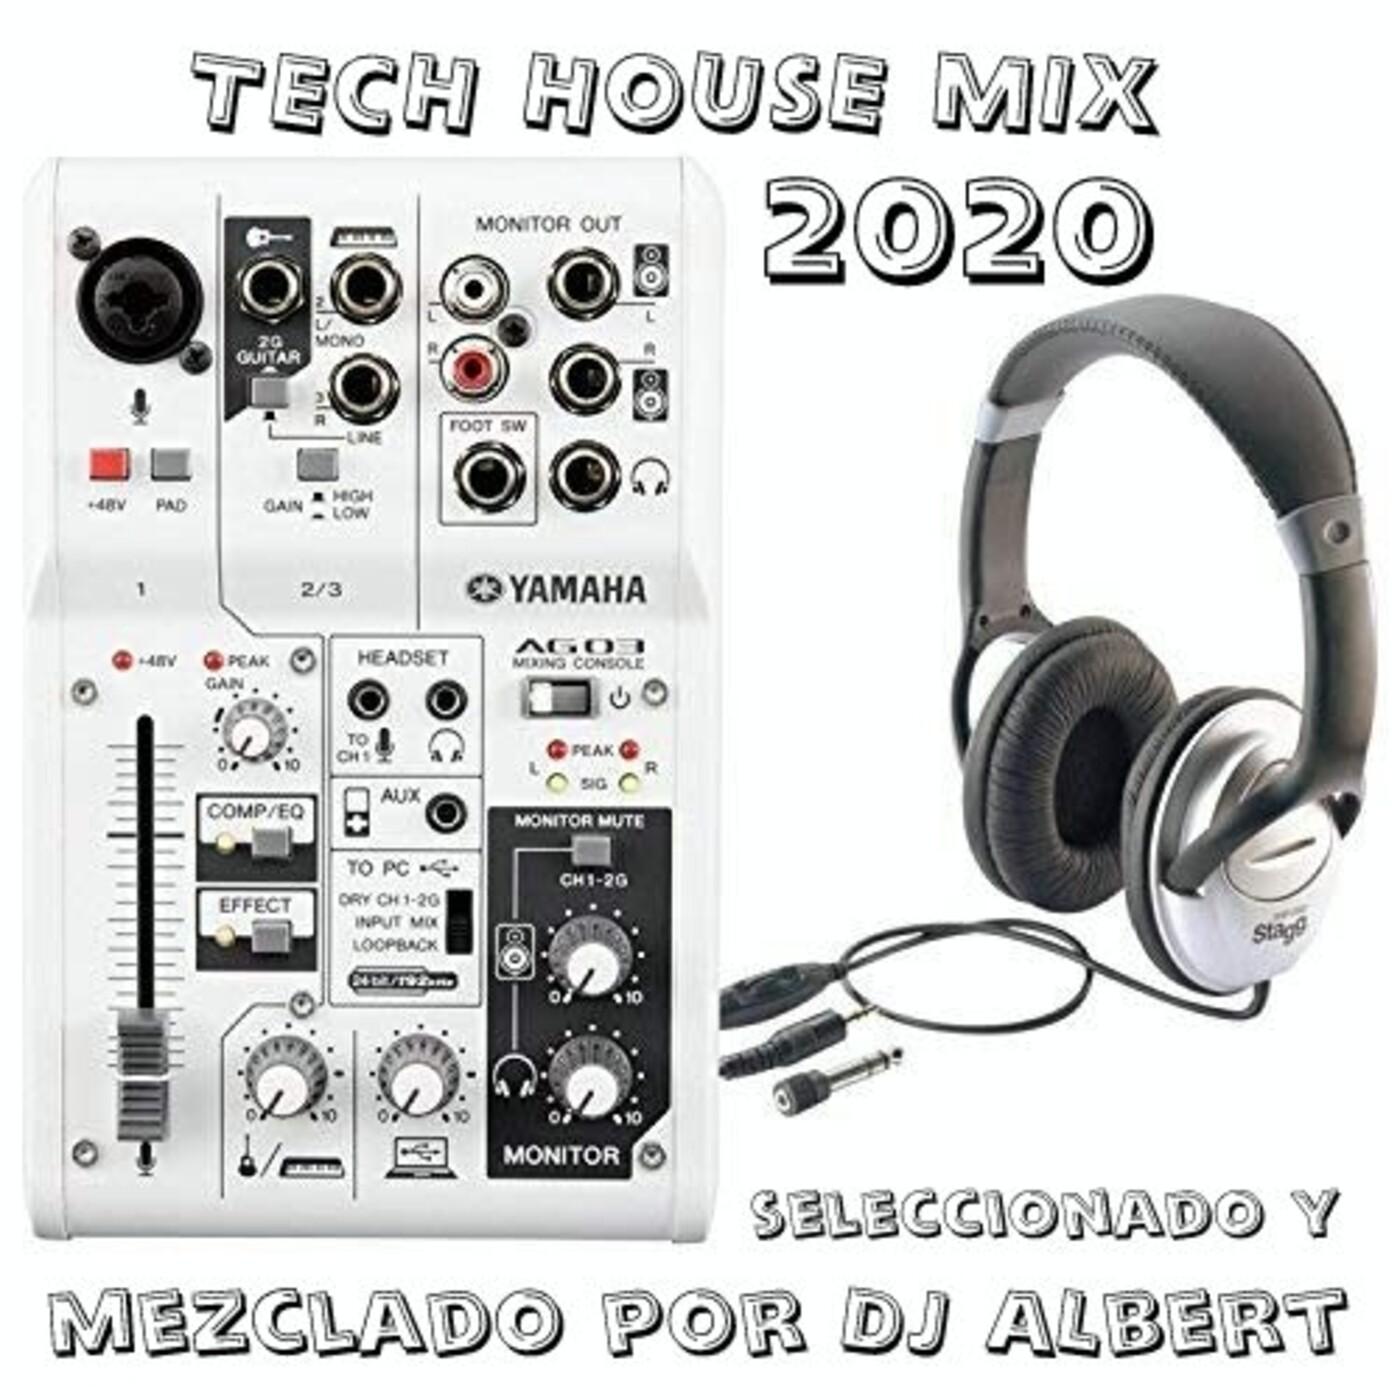 TECH HOUSE MIX 2020 Seleccionado y mezclado por DJ Albert